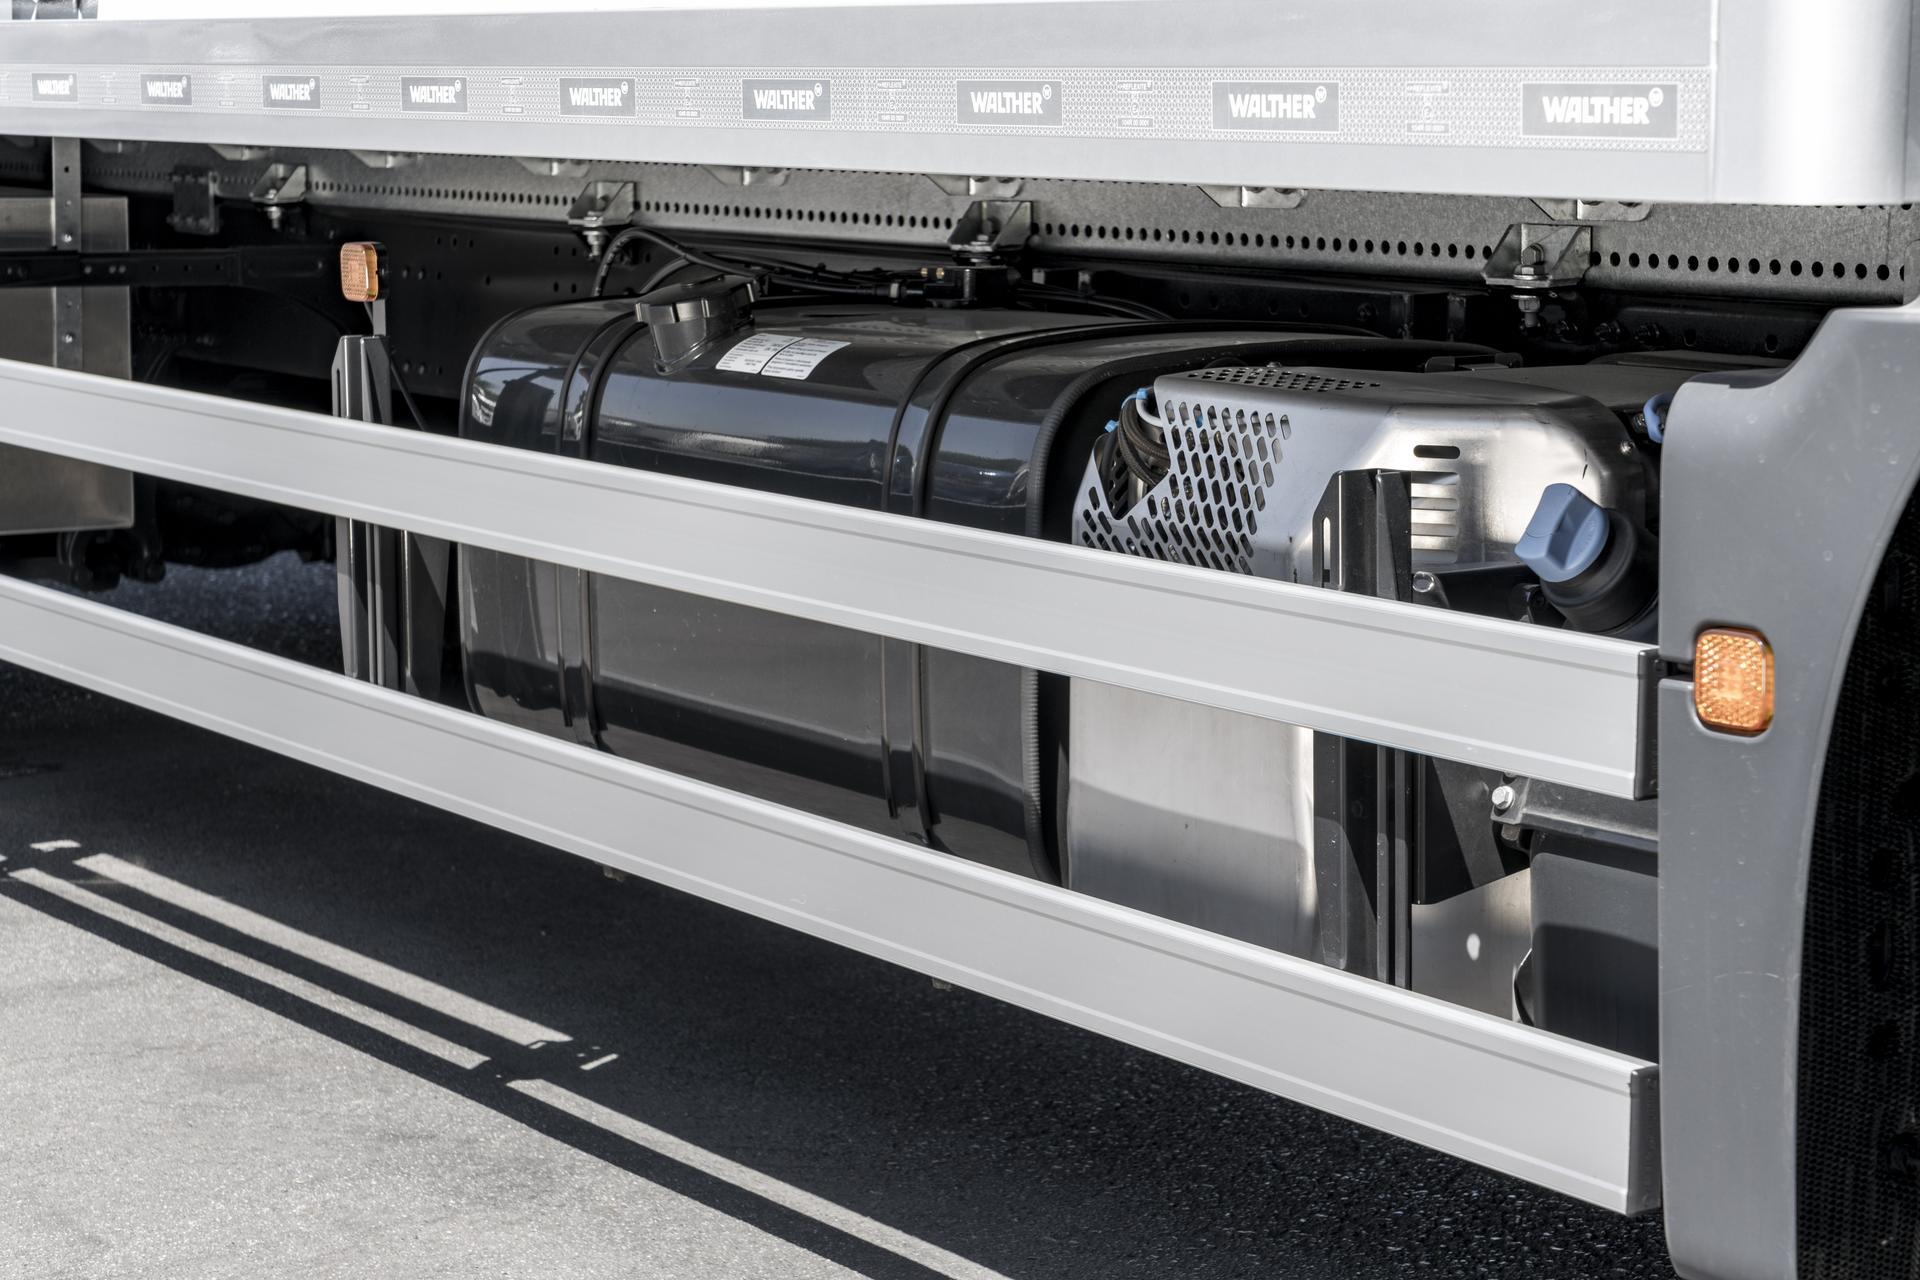 A partir de enero de 2022 los camiones que se vendan habrán superado unos controles de emisiones de NOx y de partículas mucho más estrictos de los actuales.